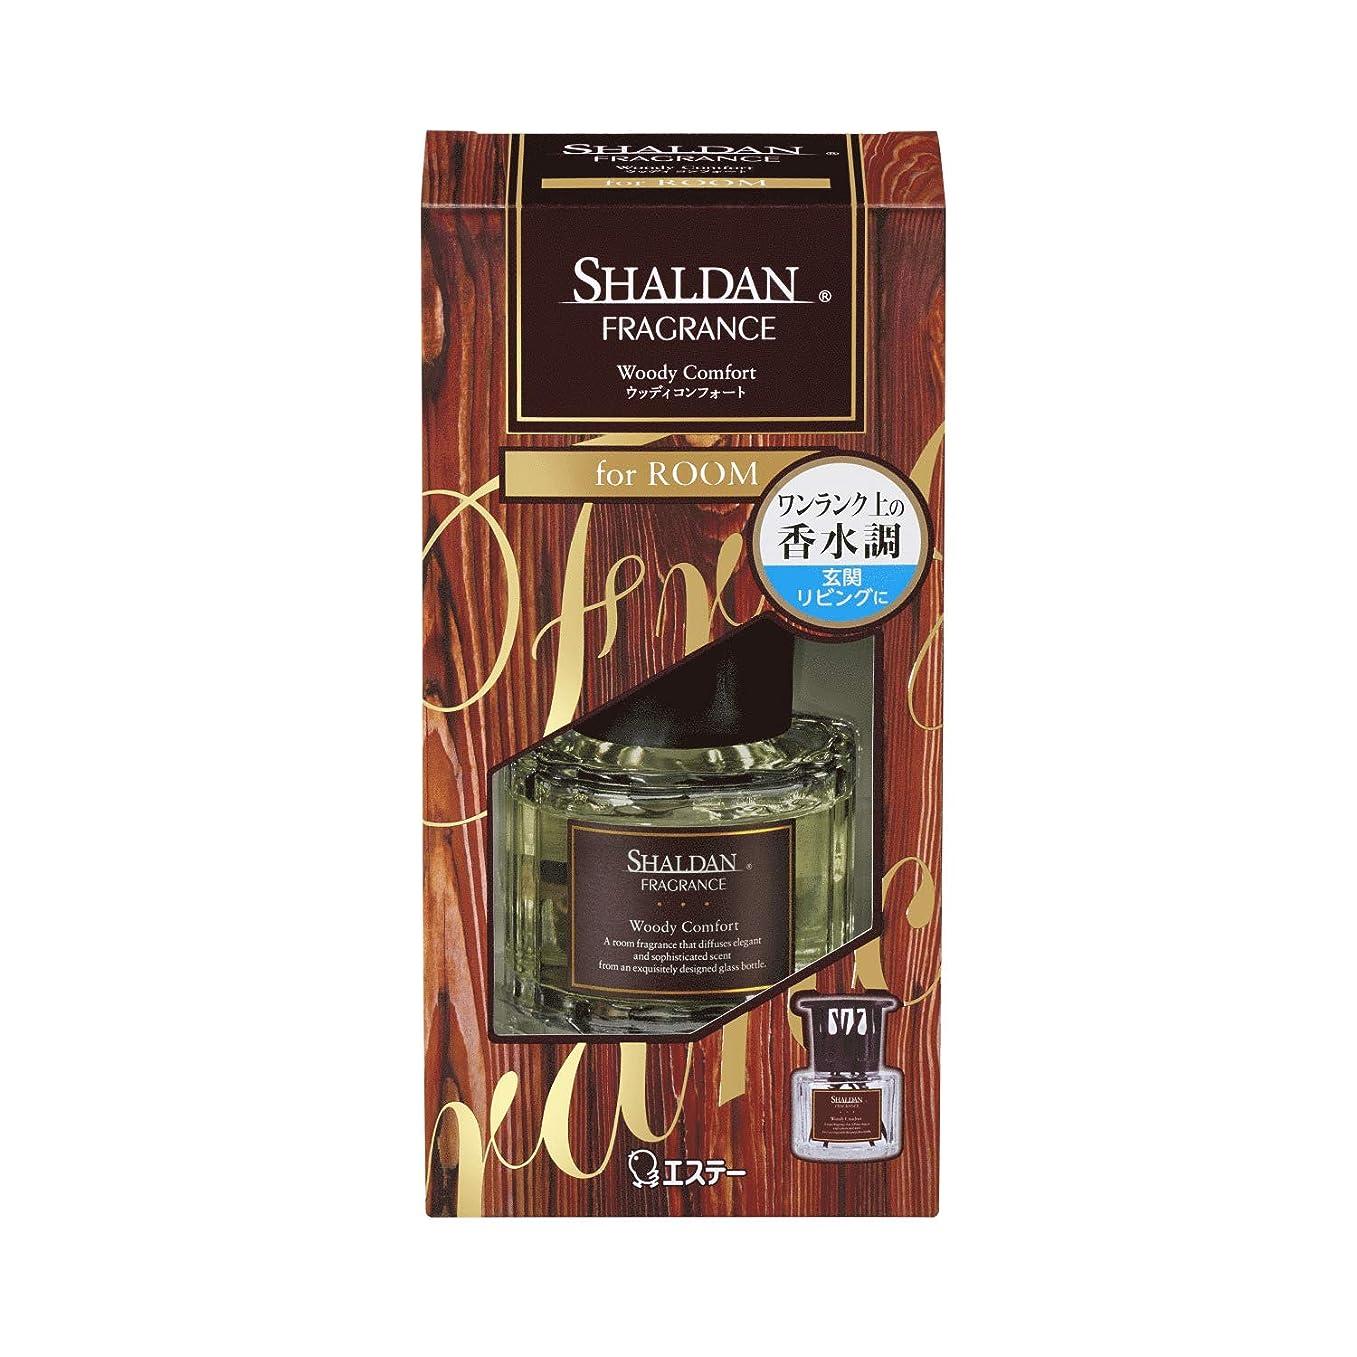 免除する不変合計シャルダン SHALDAN フレグランス for ROOM 芳香剤 部屋用 本体 ウッディコンフォート 65mL